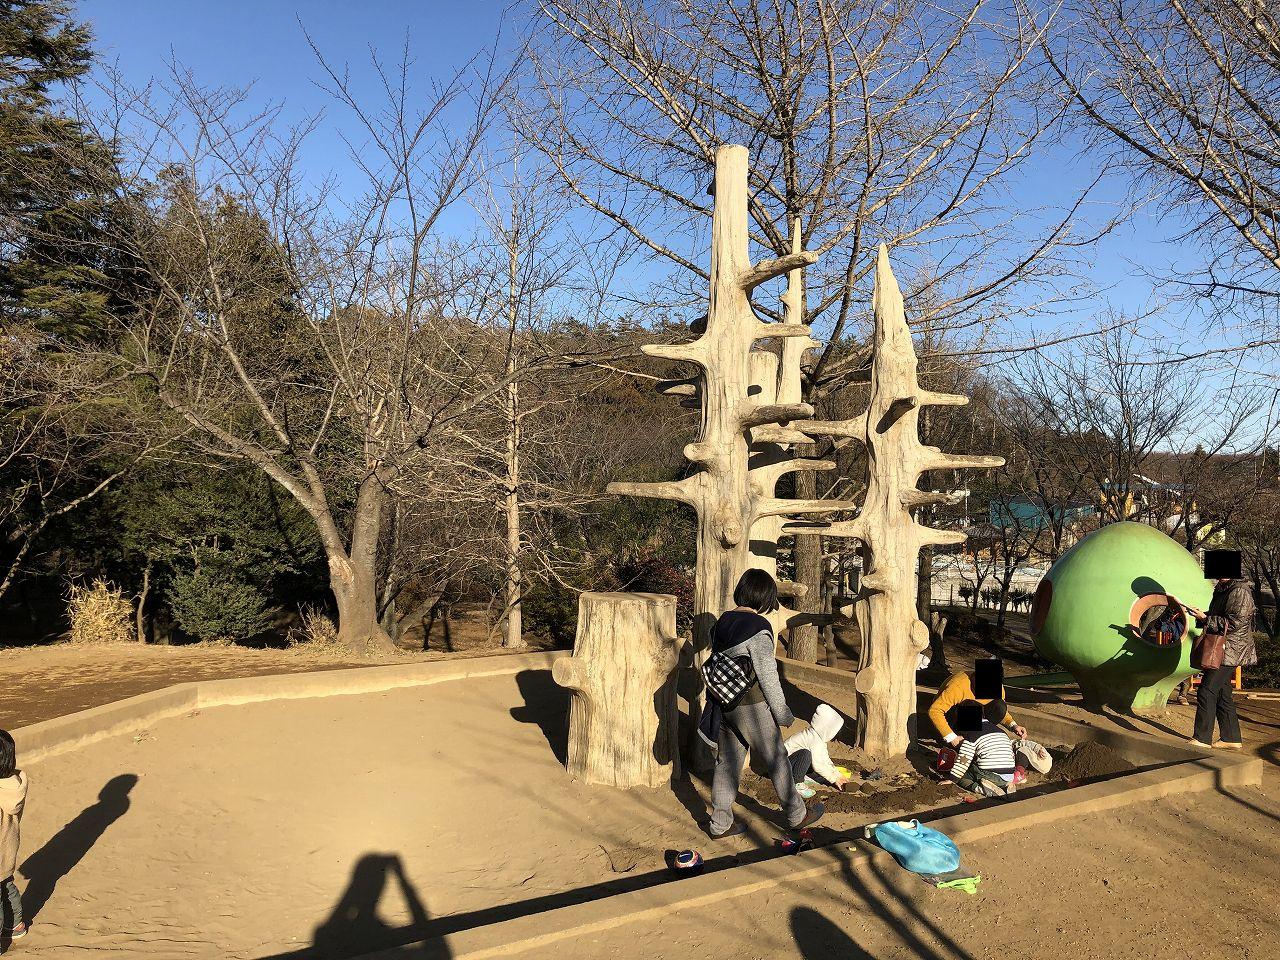 鎌ヶ谷市制記念公園の砂場